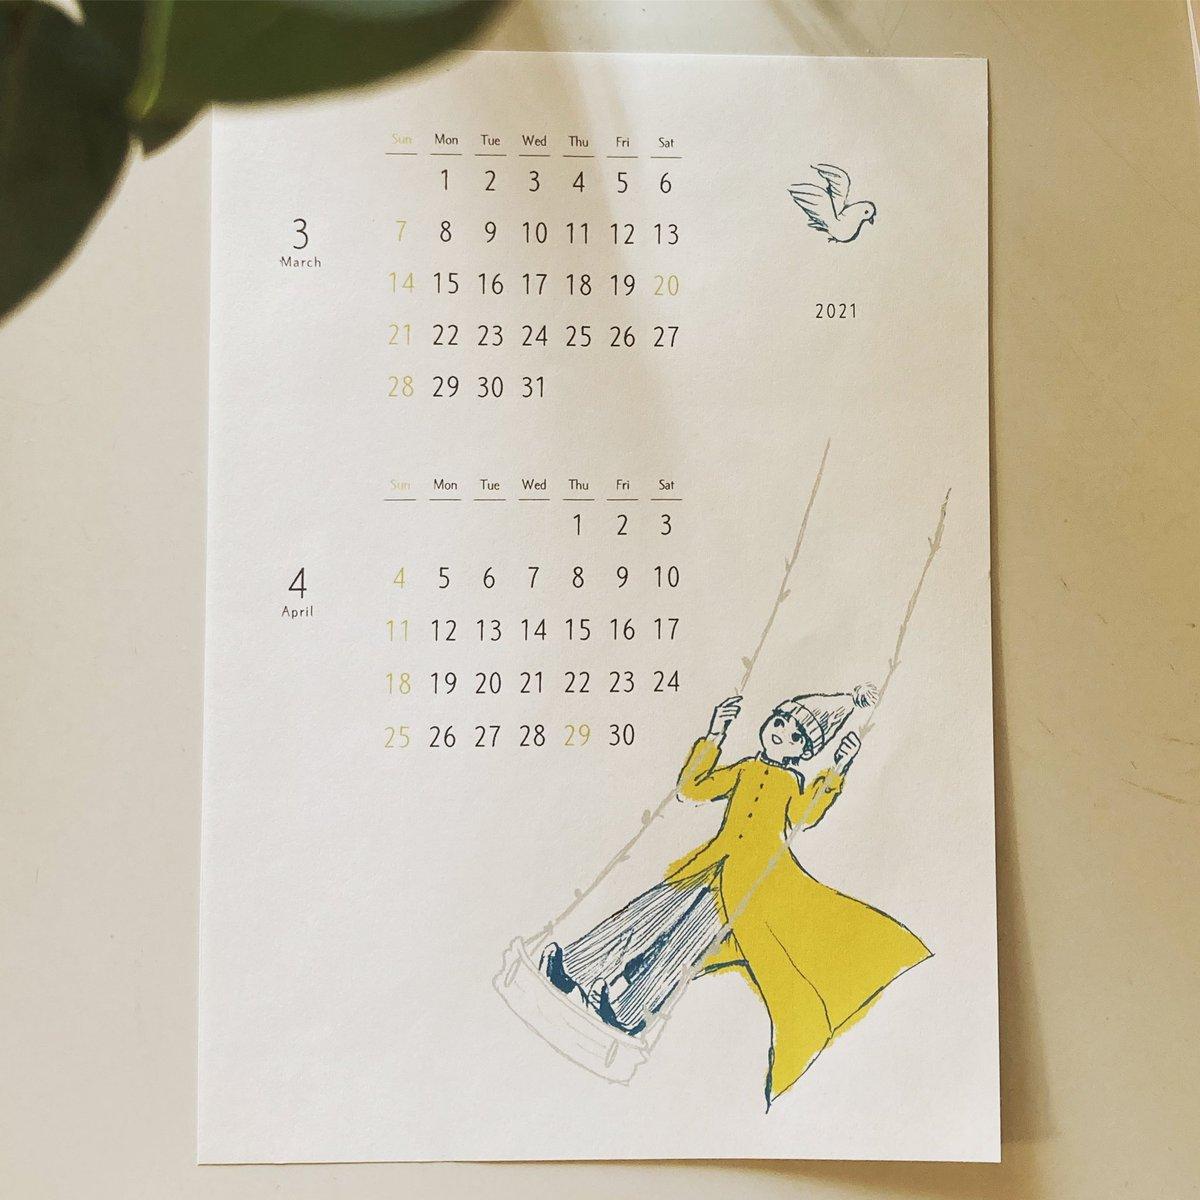 三月🌸 #三月 #march  #calendar  #illustrator  #illustration  #photoshop  #girl #イラストレーター #春 #spring